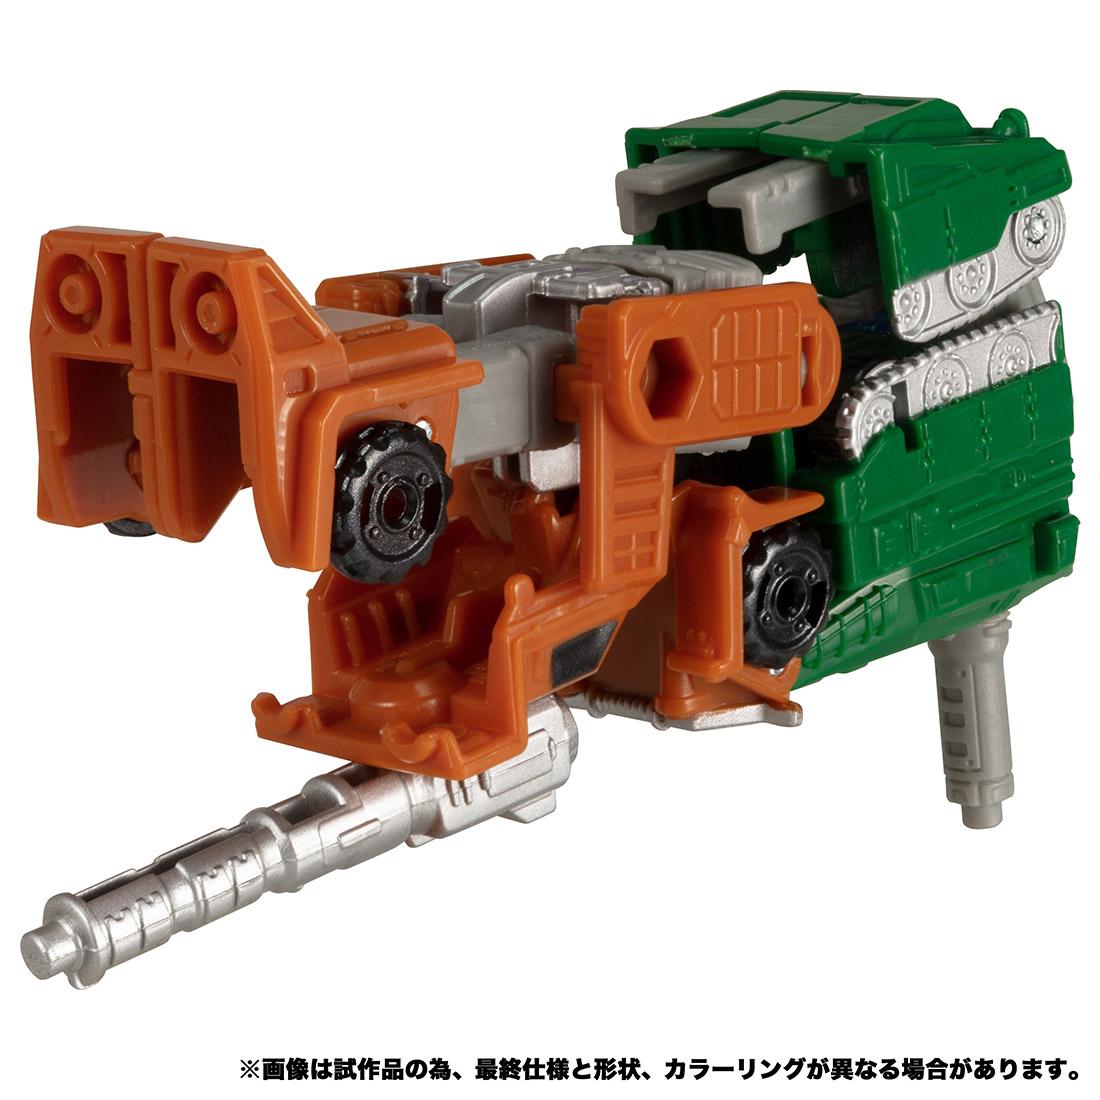 【限定販売】トランスフォーマー アースライズ『ER EX-04 ボムショック&グラウル』可変可動フィギュア-004